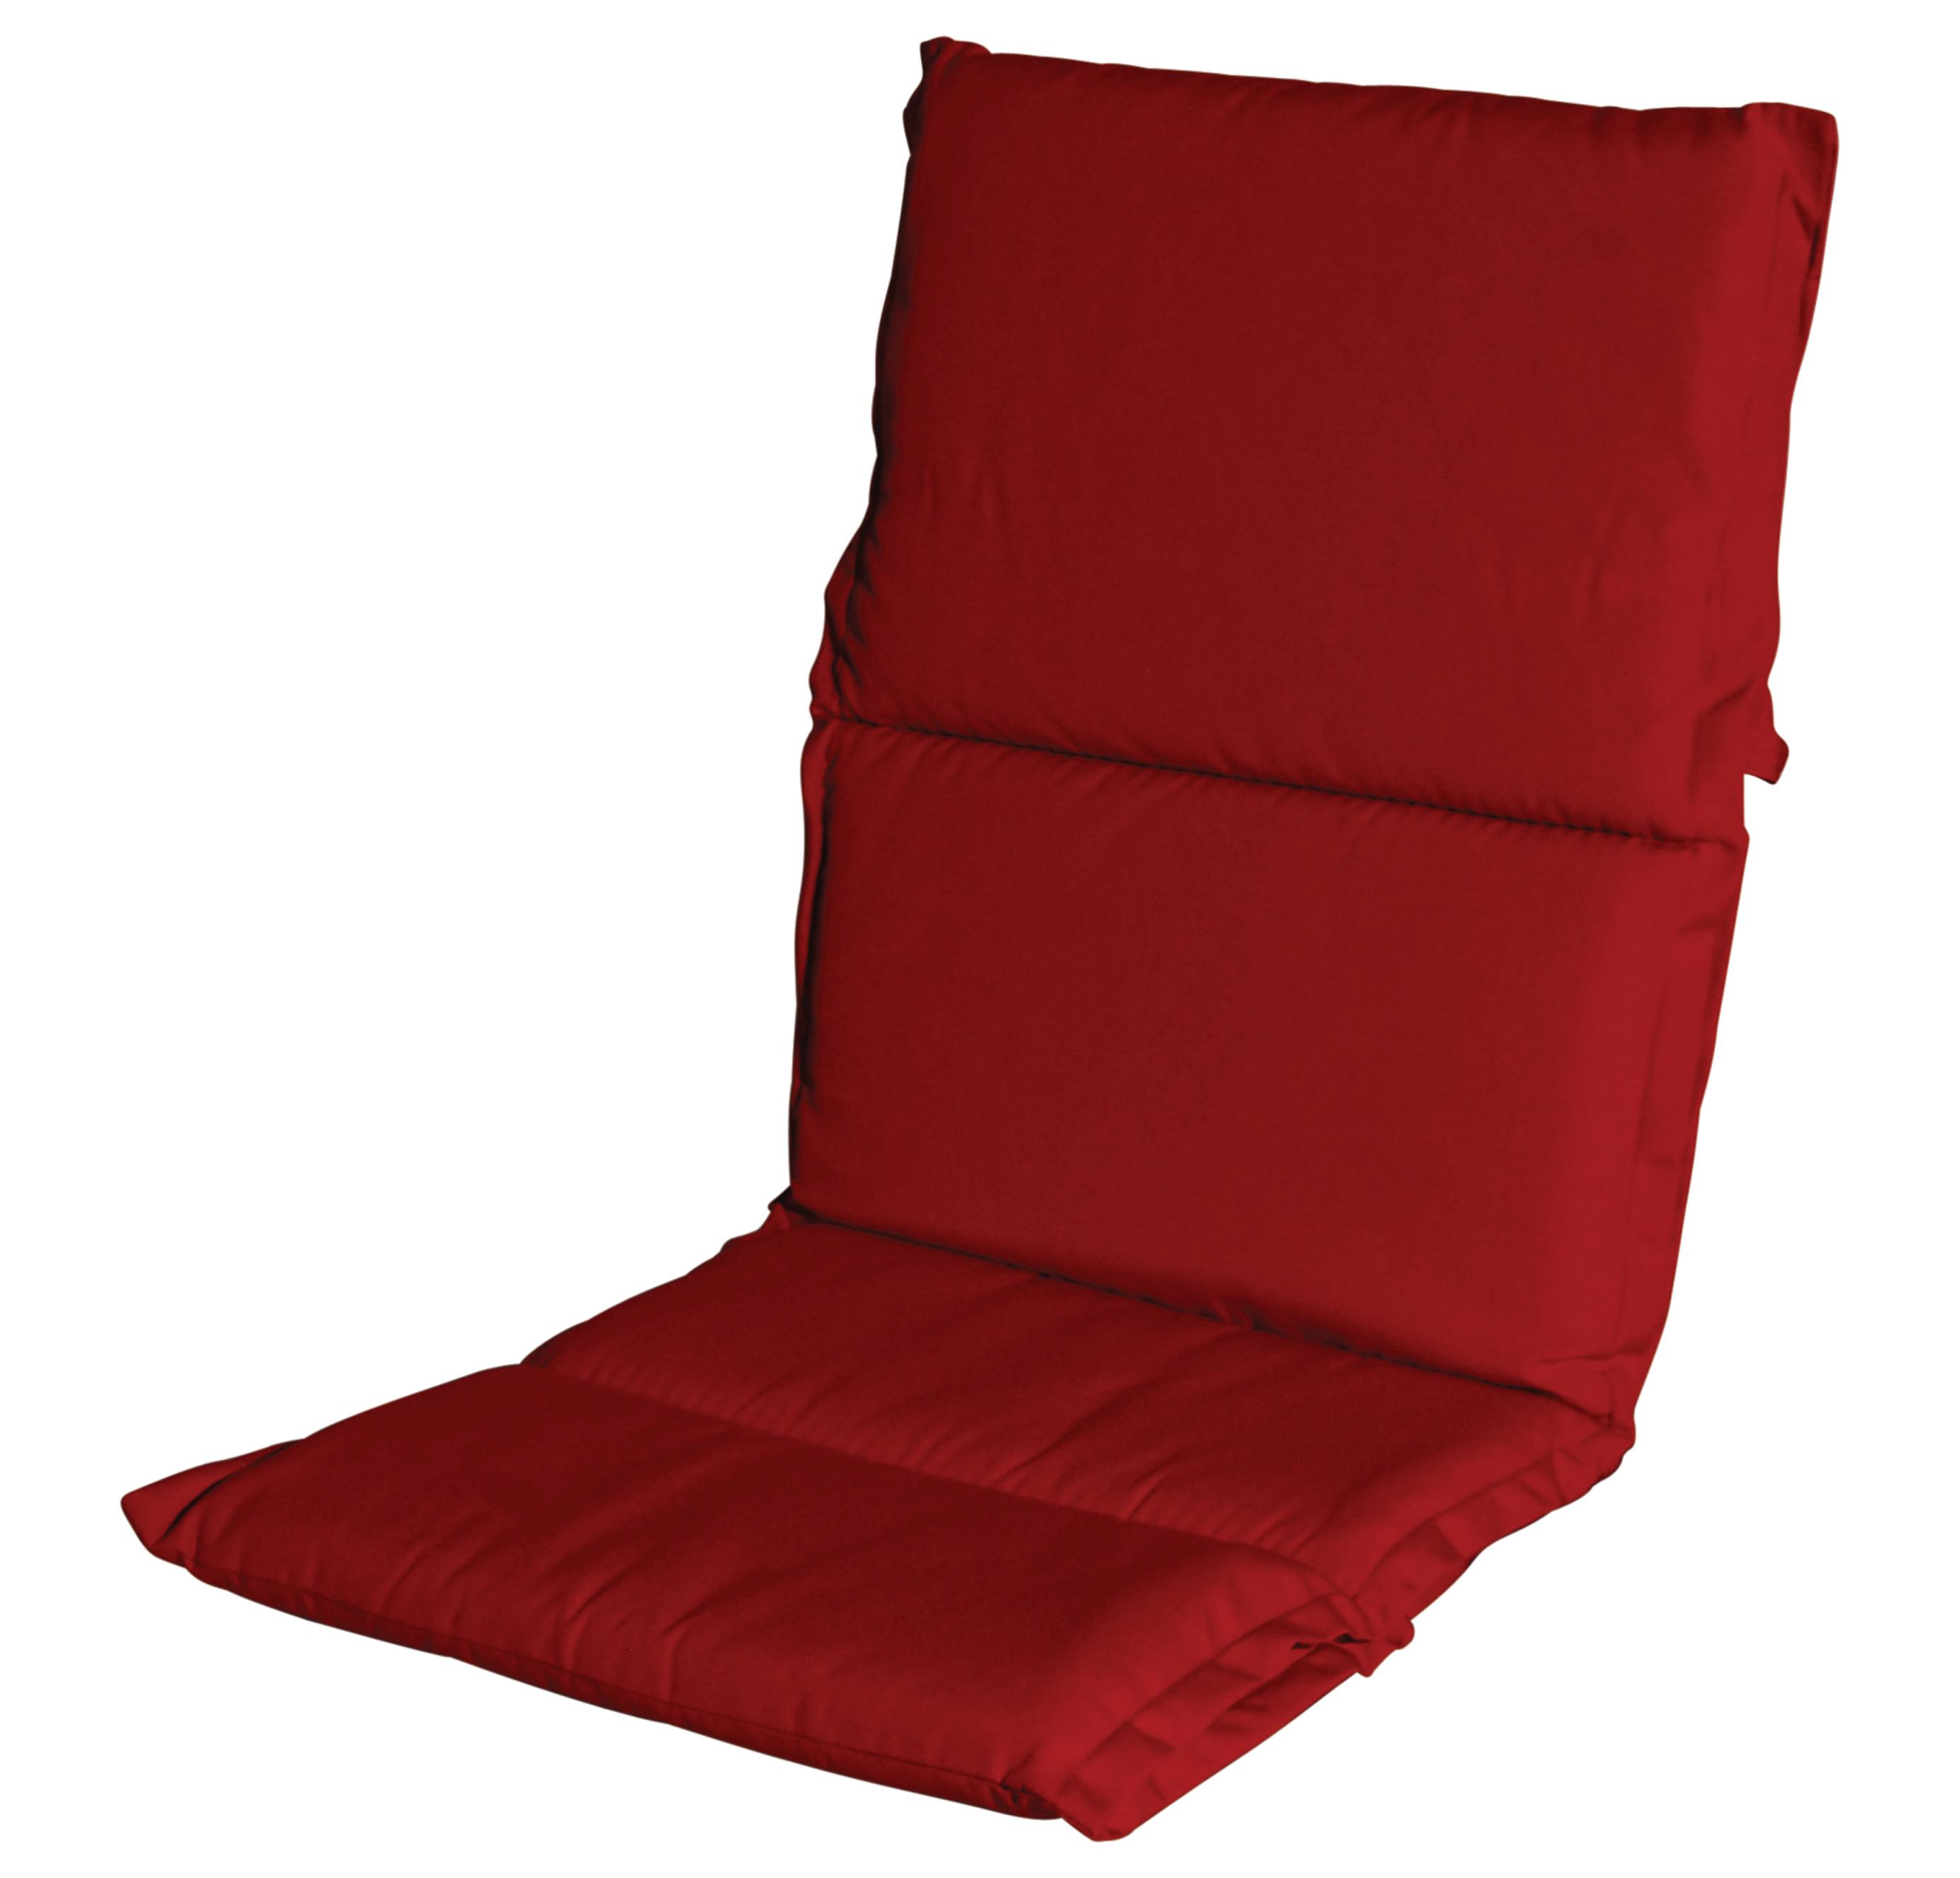 havana-red-lage-rug-sling-14618541